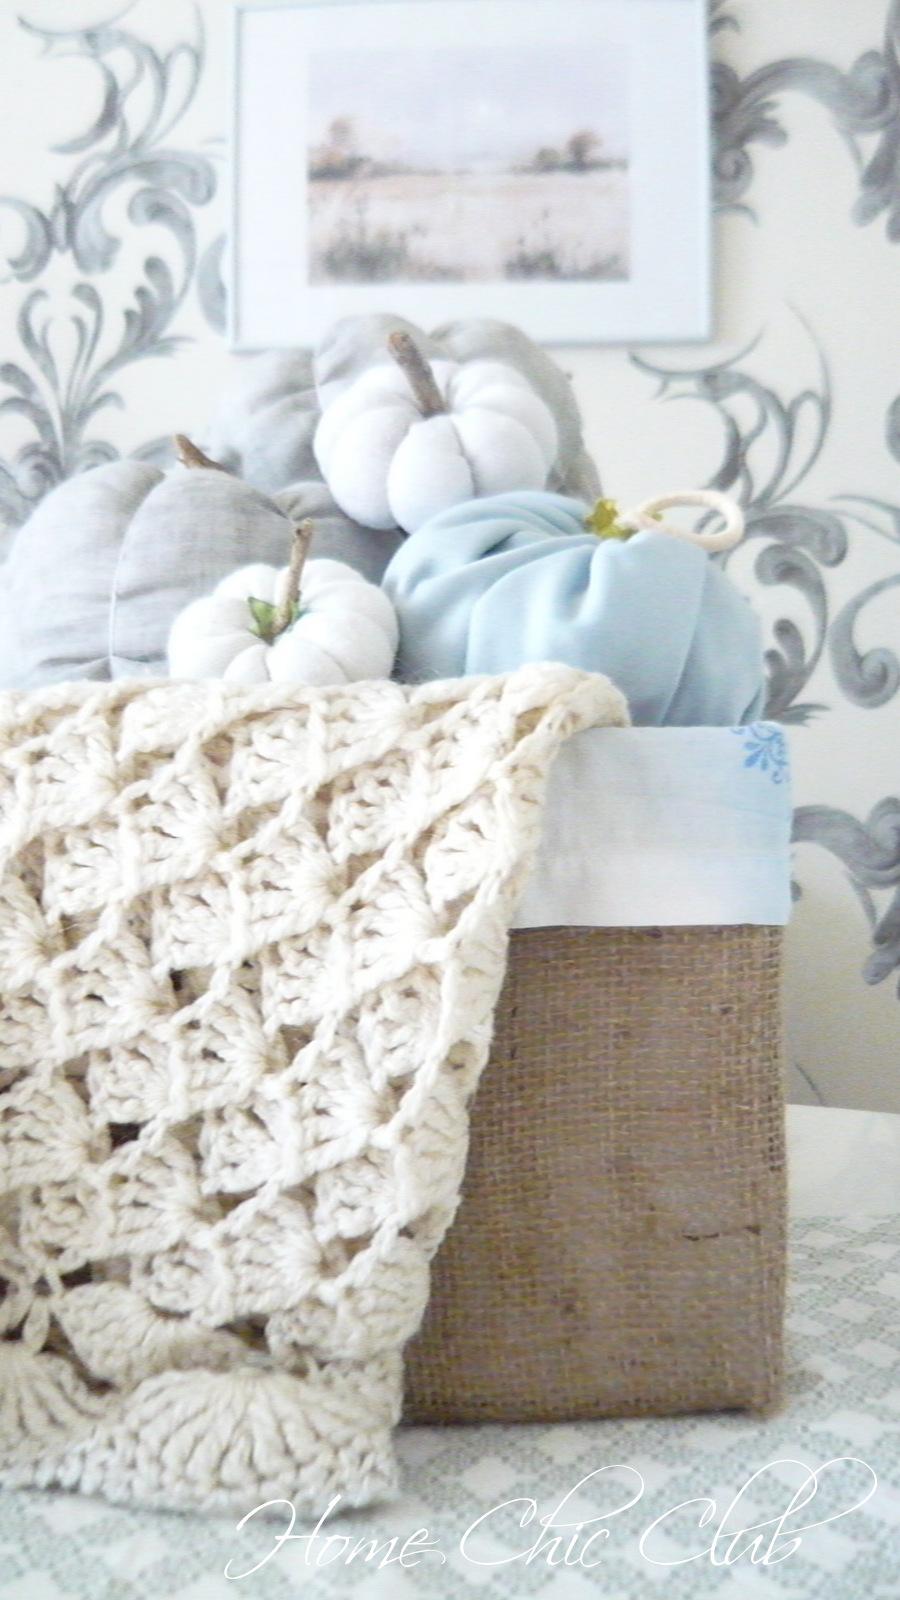 Easy Diy Fabric Wreath For Summer: Easy Fall Ideas - DIY Fabric Pumpkins